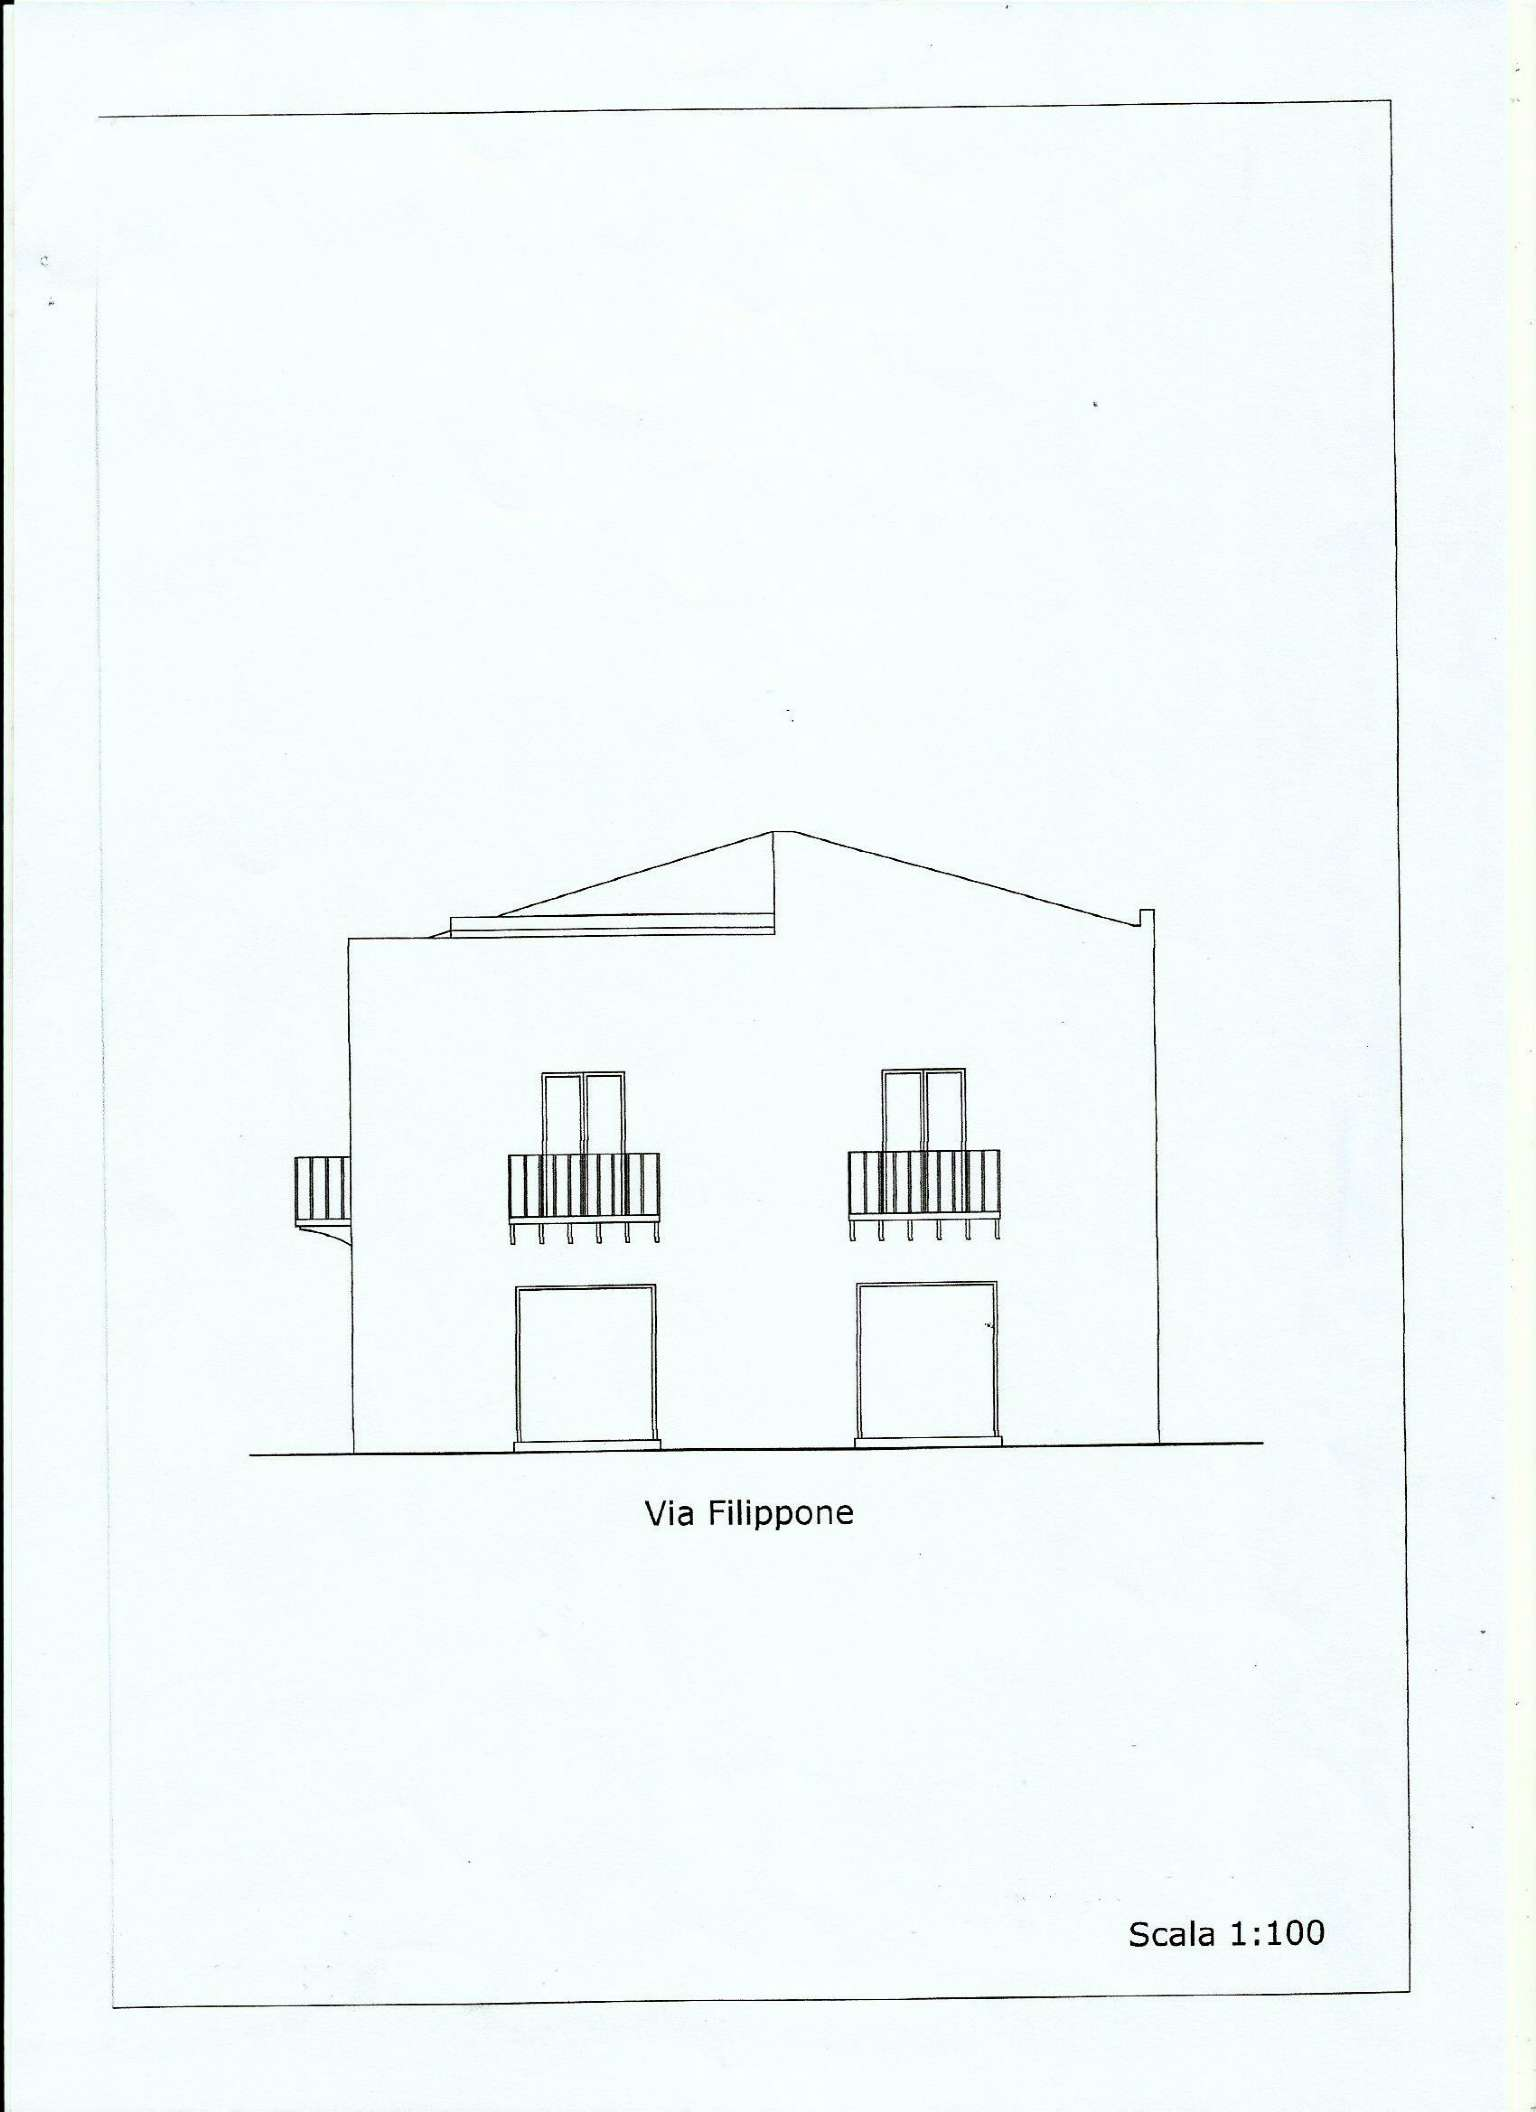 Casa indipendente in Vendita a Palermo: 110 mq